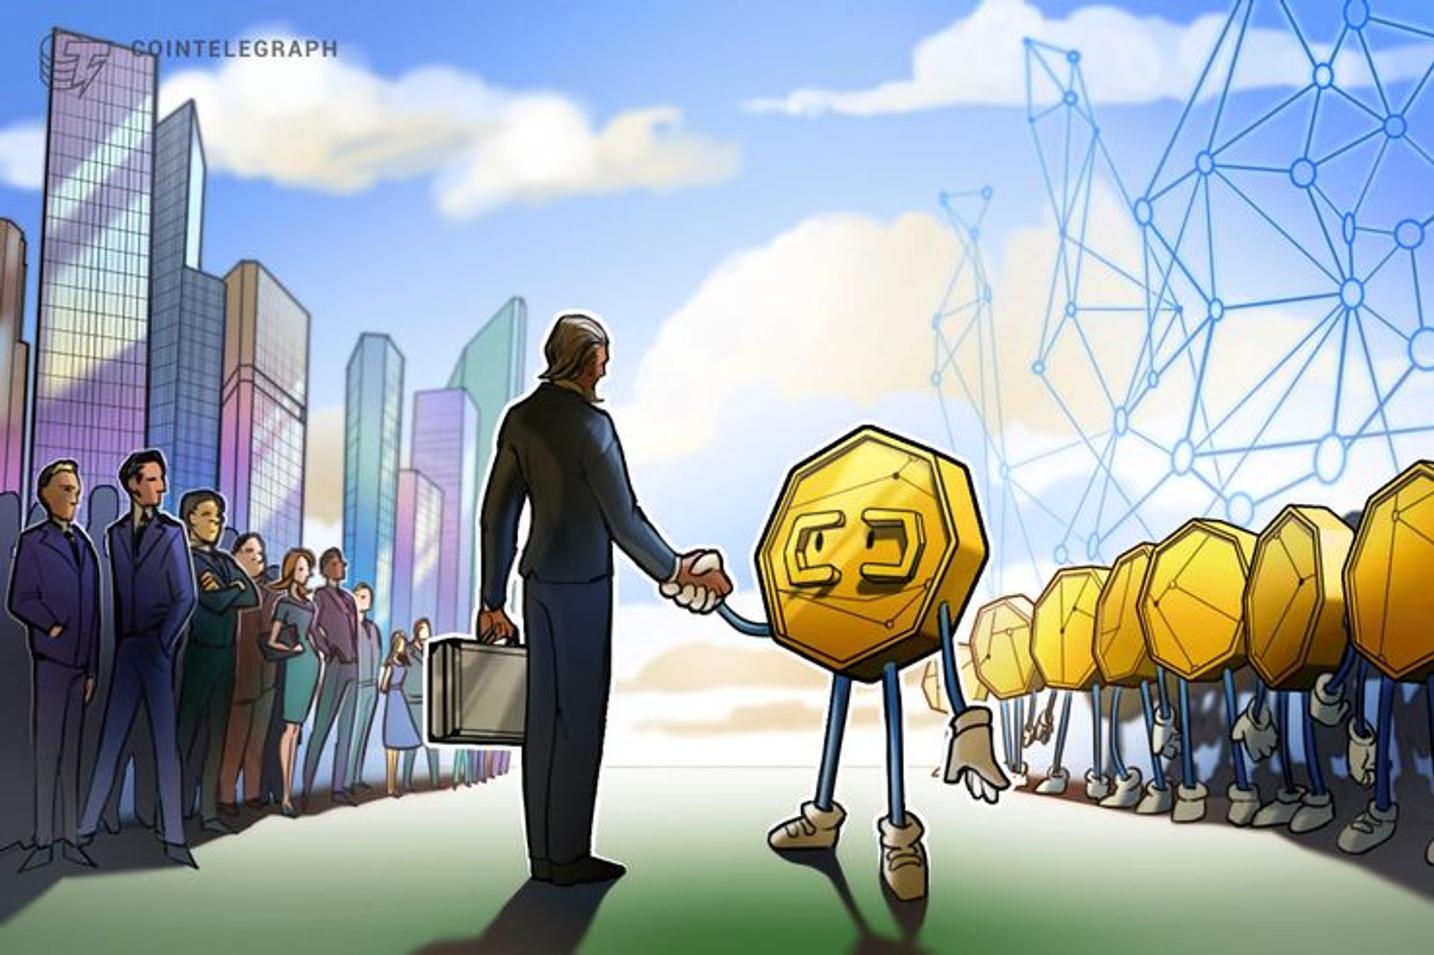 Empresa de economia compartilhada para aviação executiva começa a aceitar pagamentos em Bitcoin no Brasil